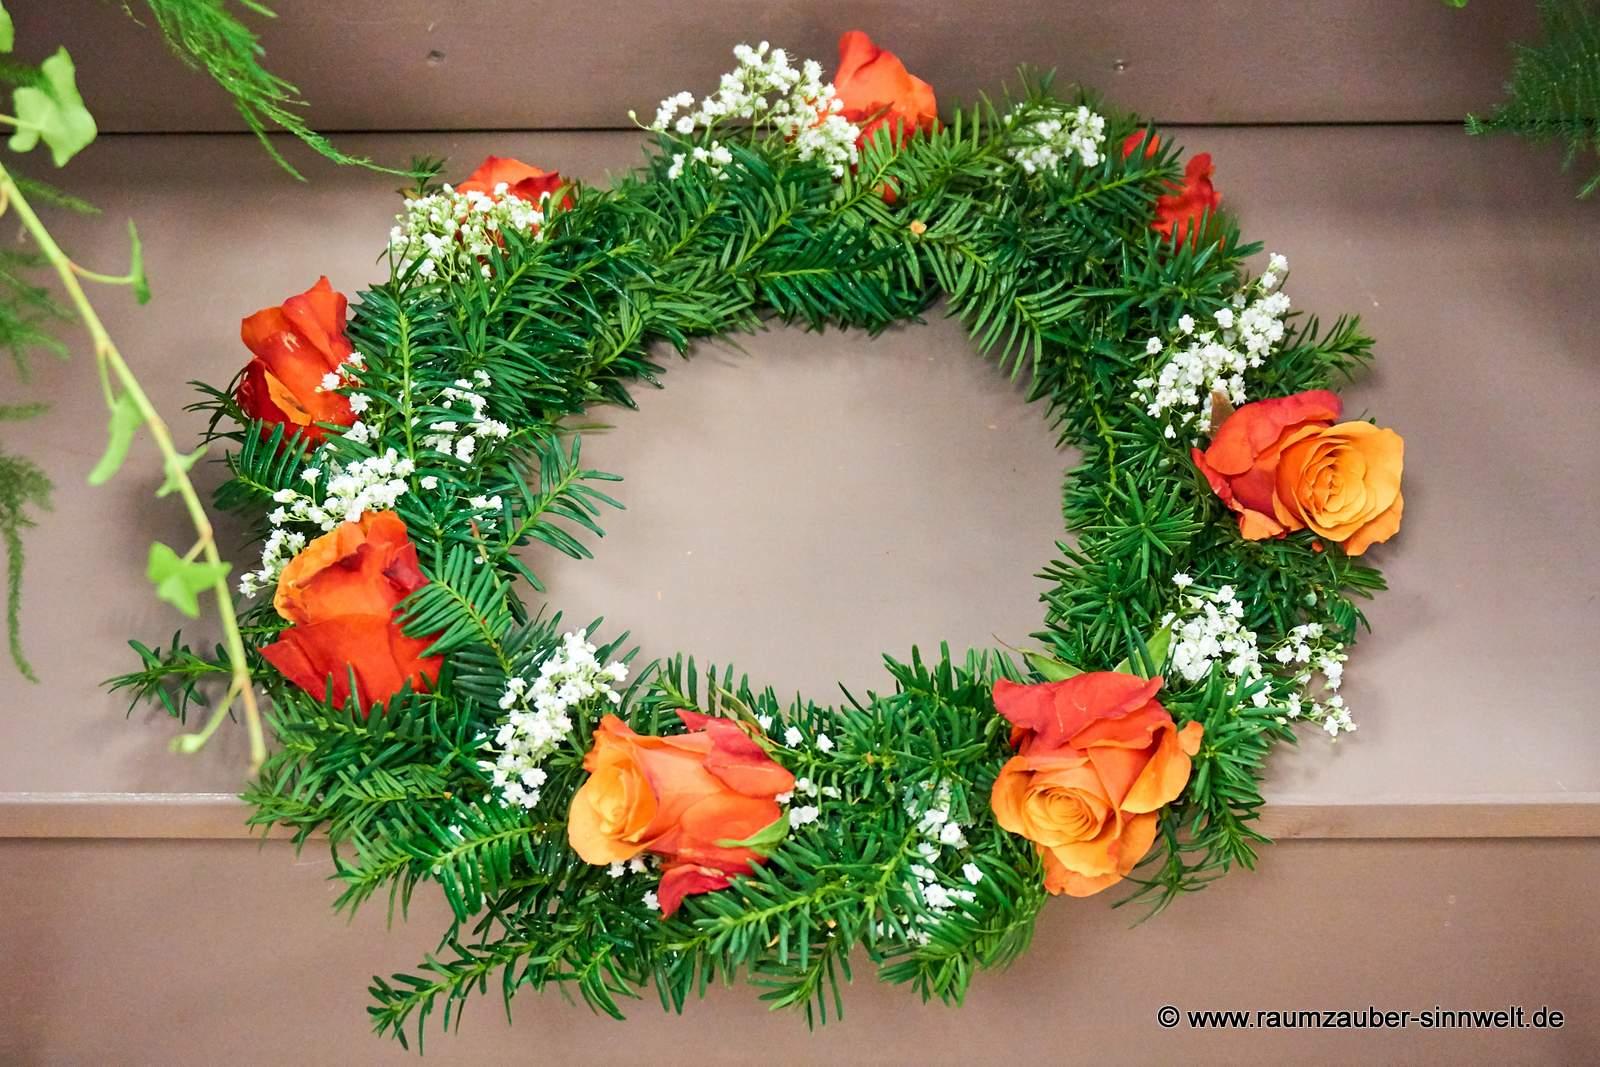 Urnenkranz mit orangen Rosen